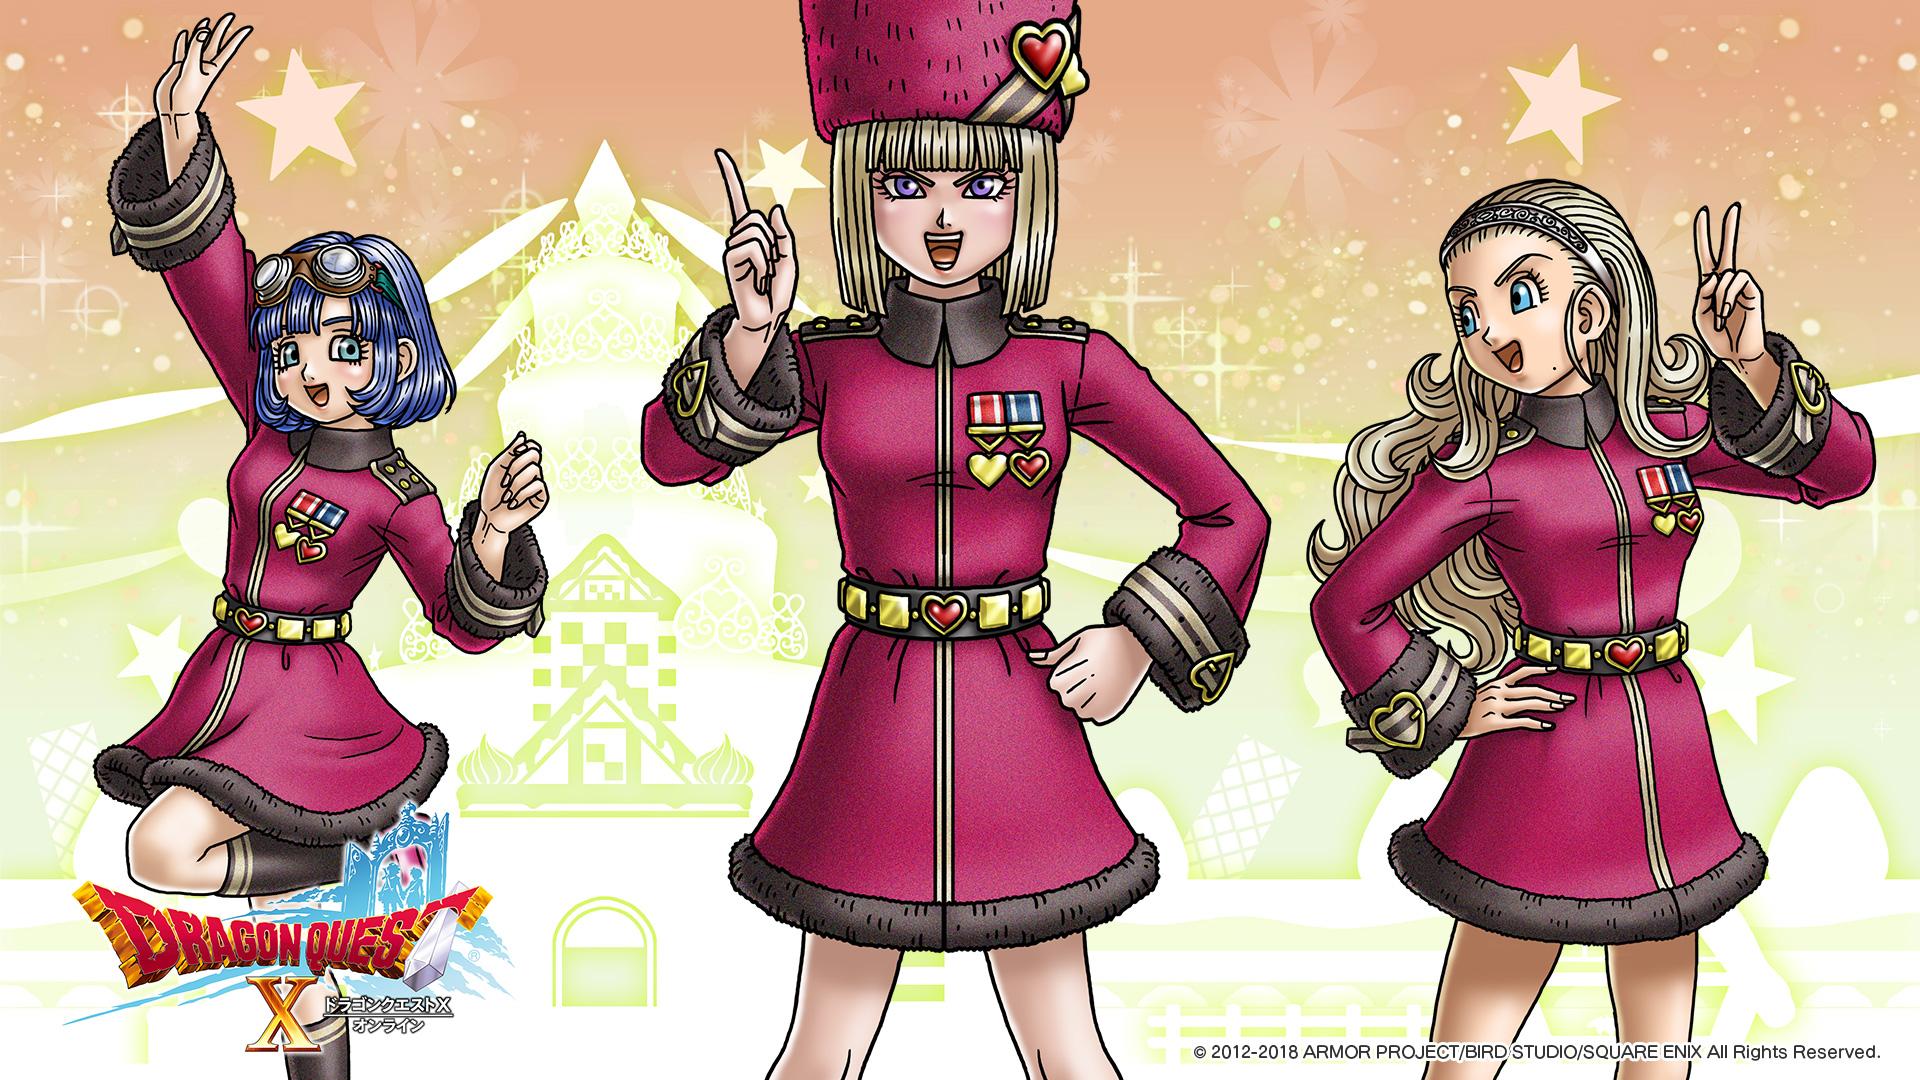 第6代アストルティア・クイーンヒストリカ博士と、勇者姫アンルシア、セラフィ